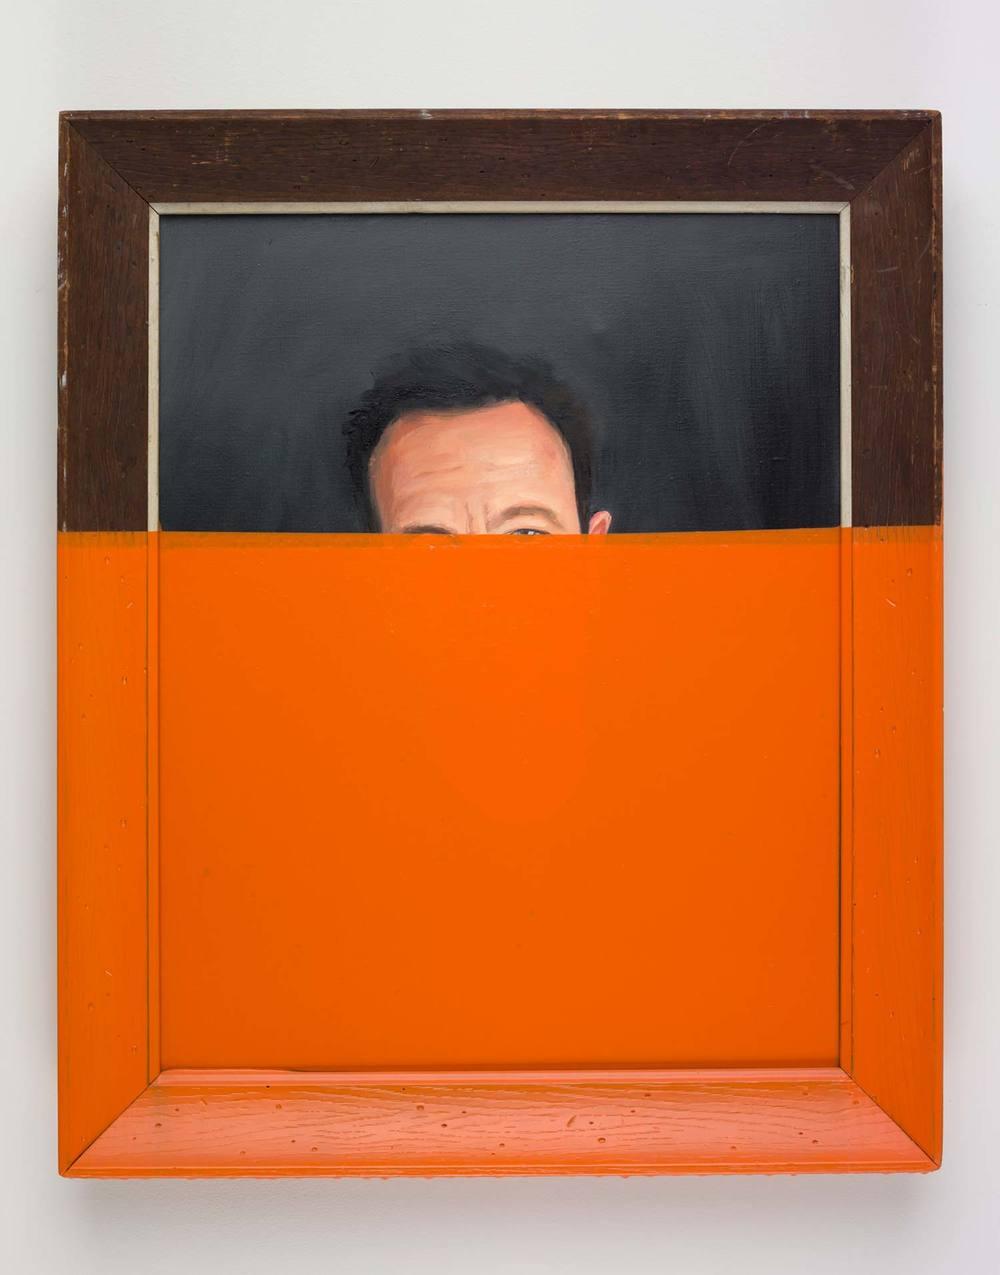 I dipinti immersi nel colore di Oliver Jeffers | Collater.al